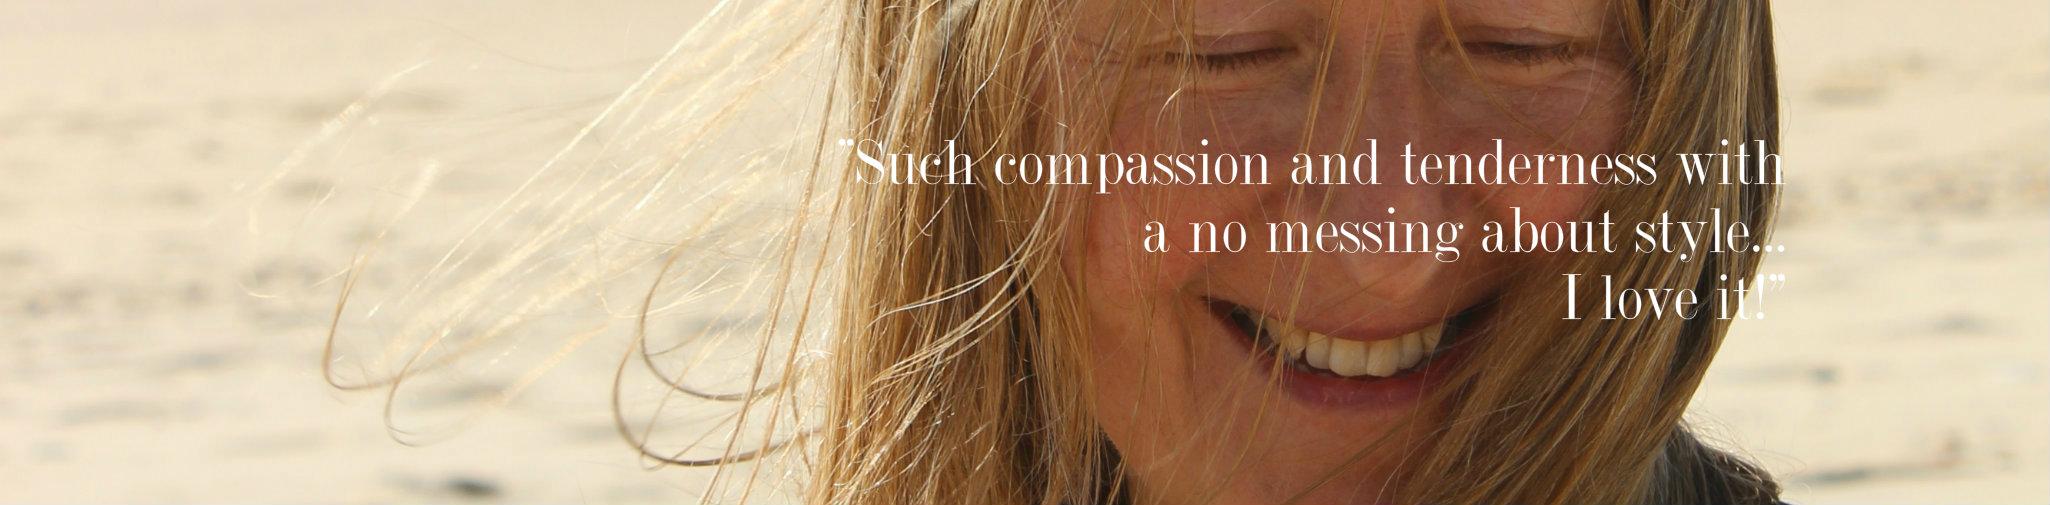 Compasssion.jpg